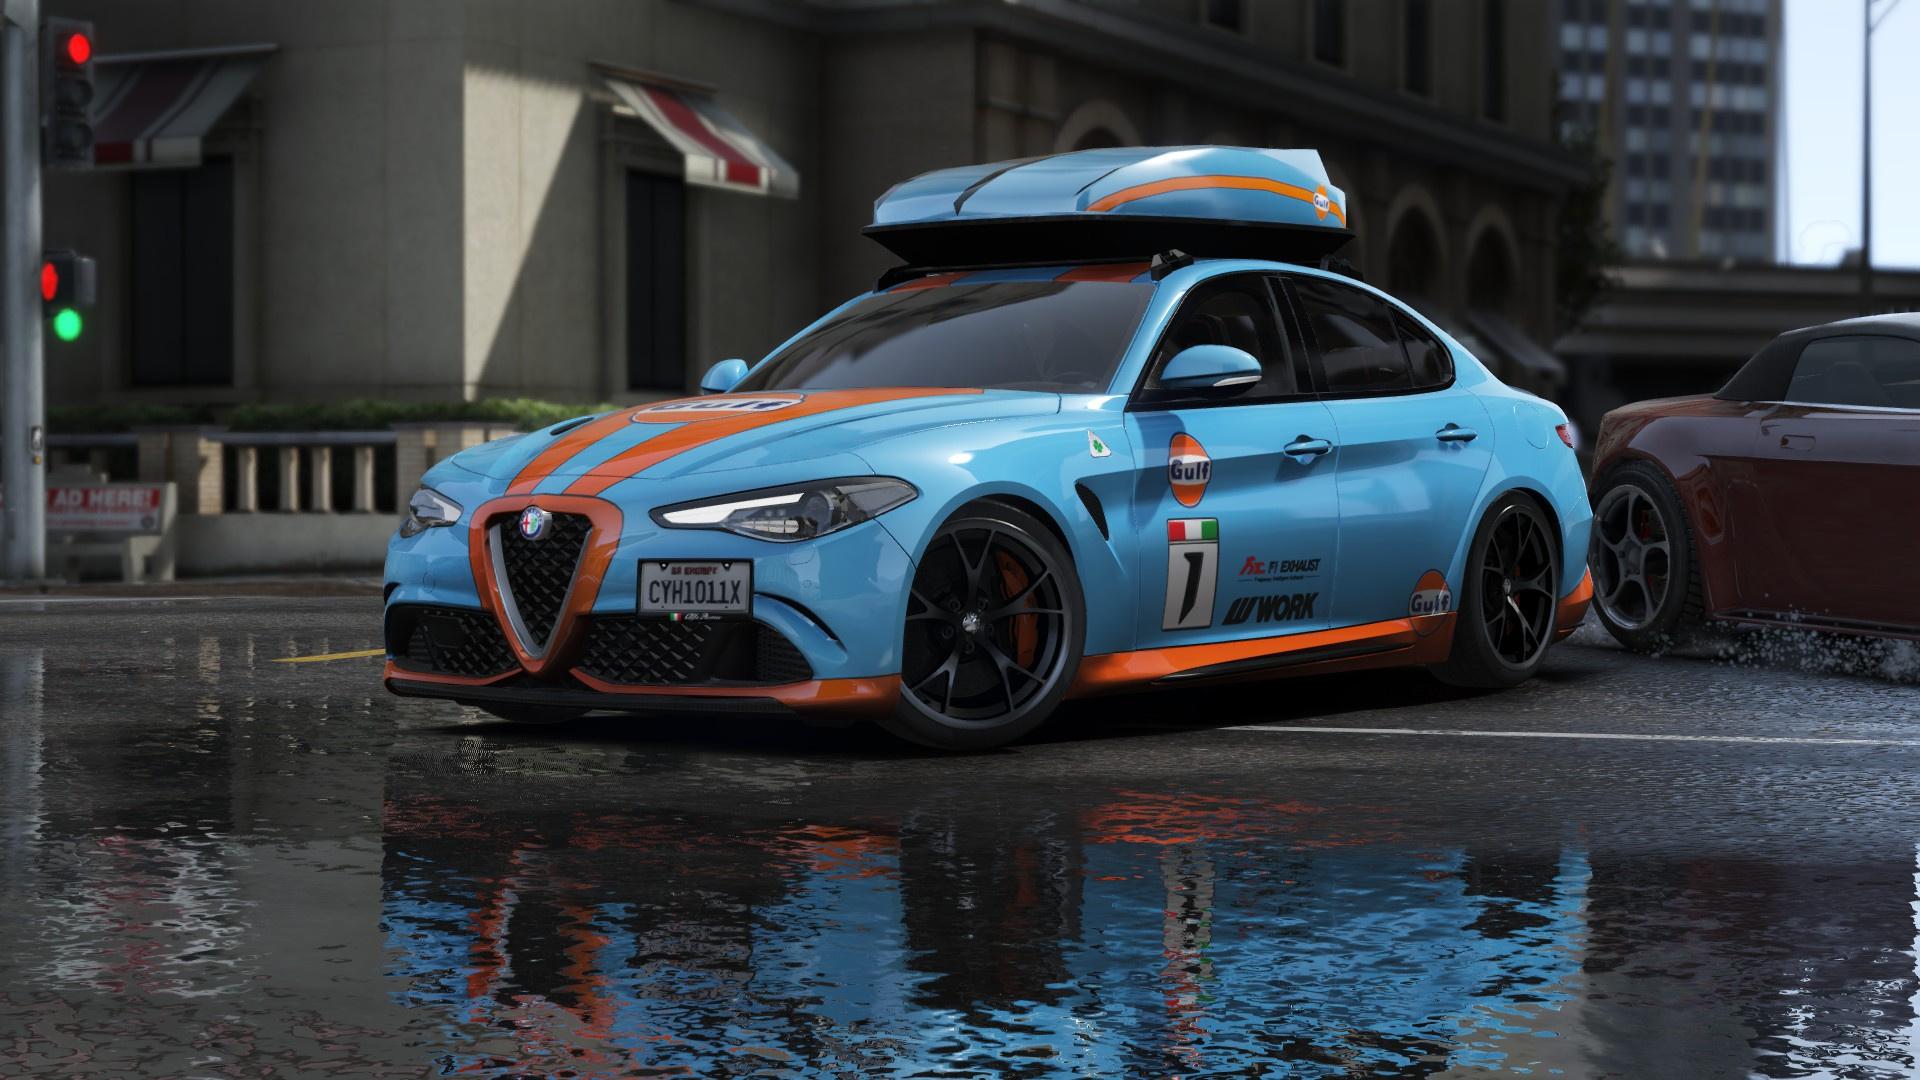 2017 Alfa Romeo Giulia Quadrifoglio HQ [Tuning/Add-on ...